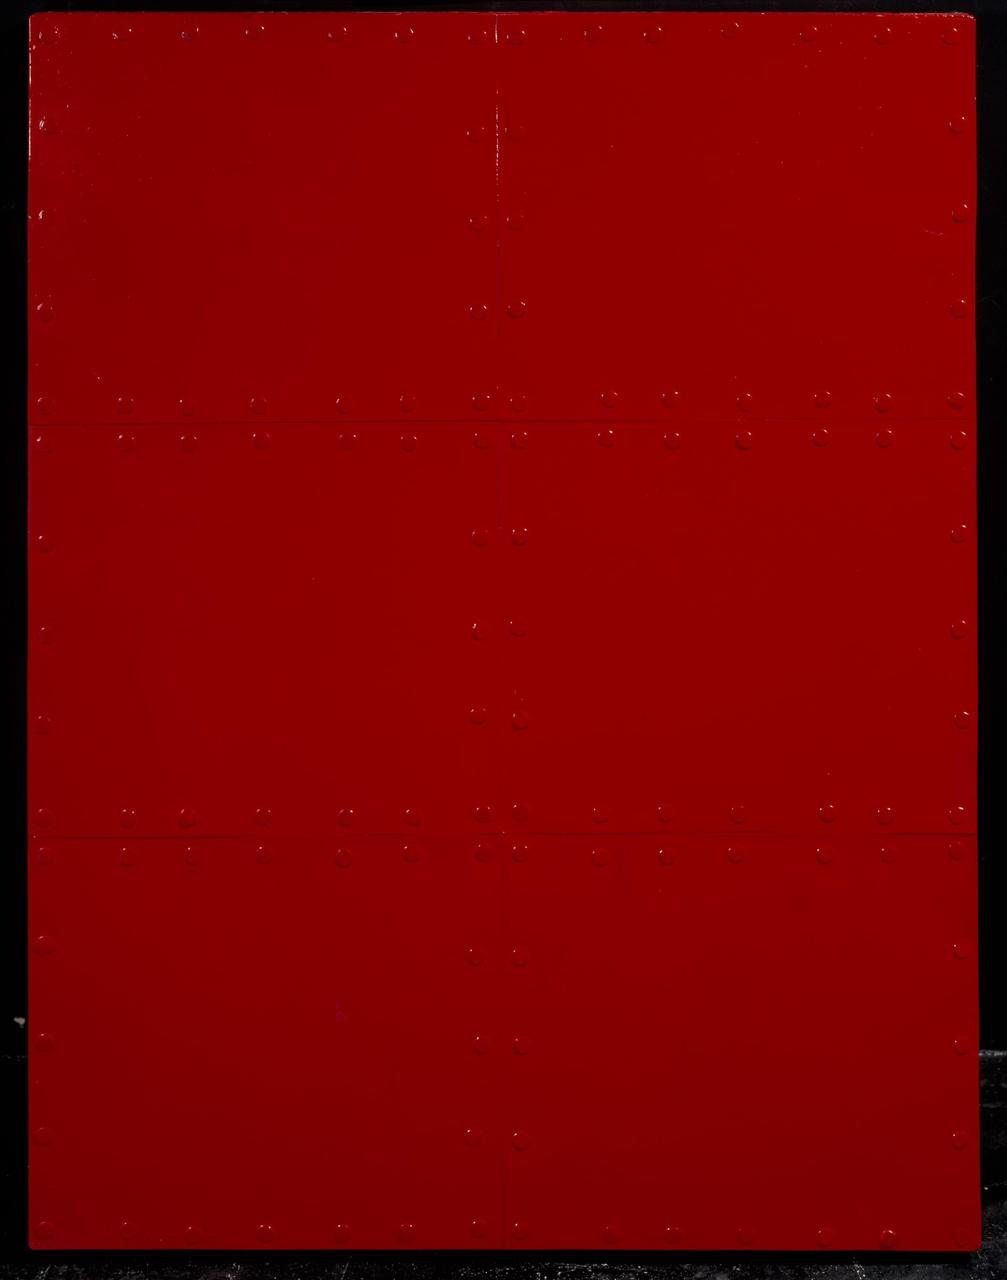 Rode platen